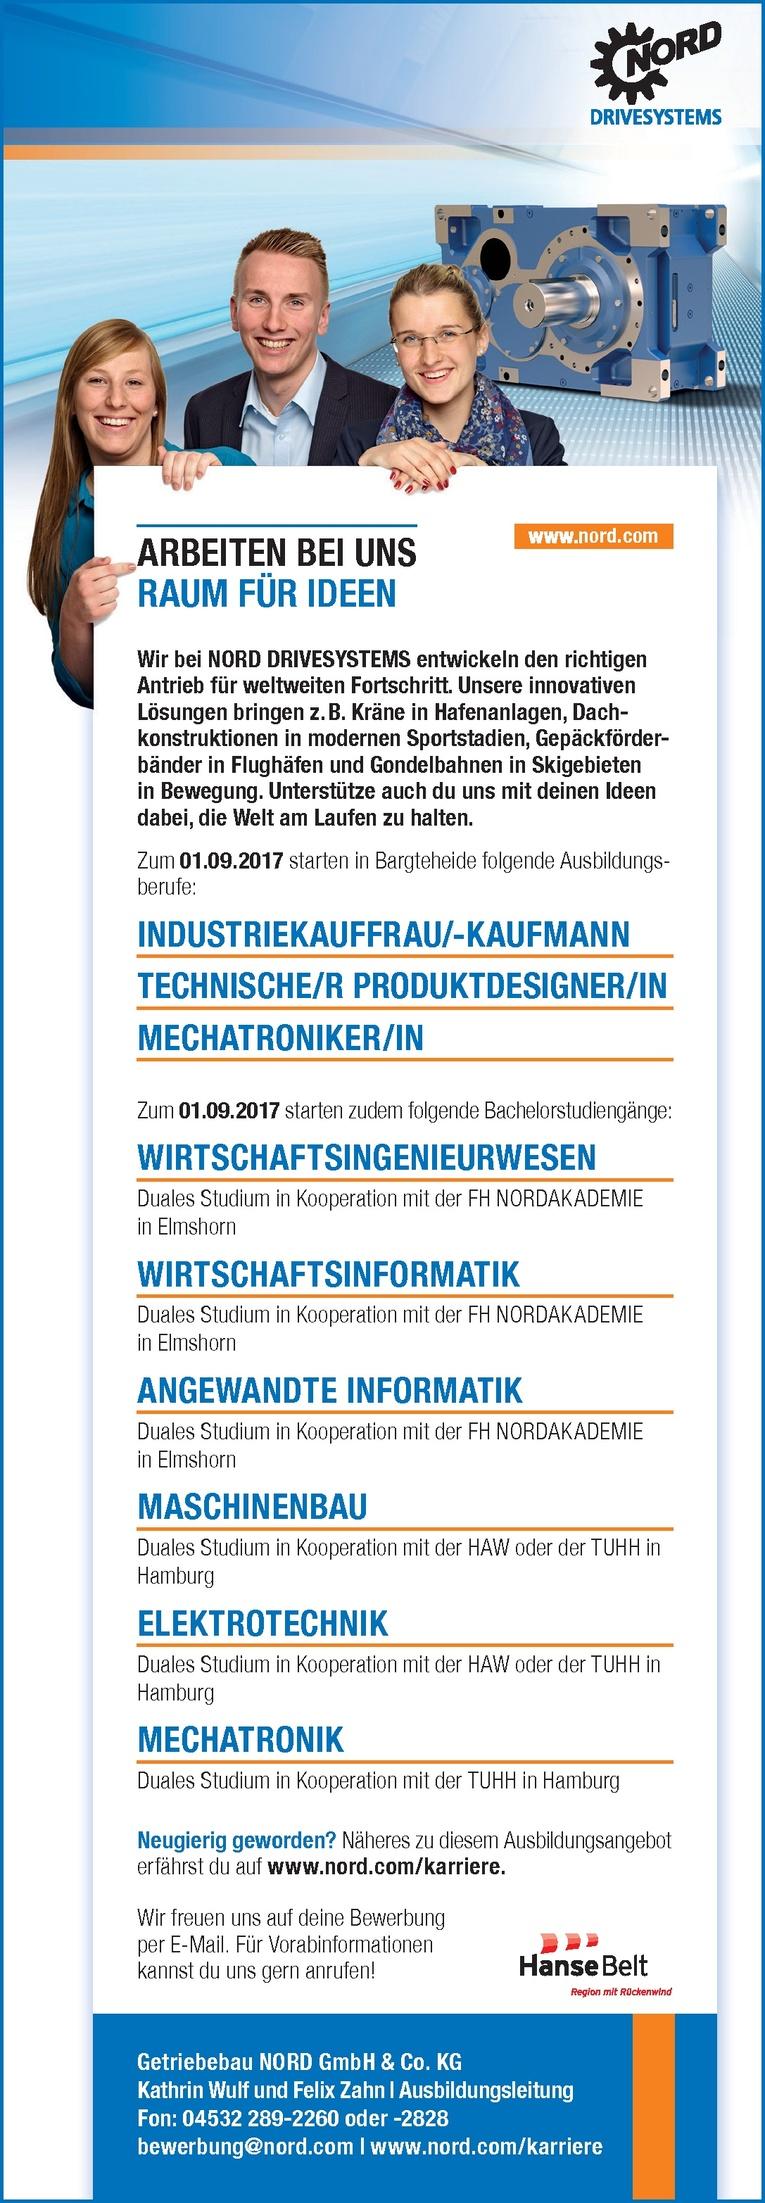 Ausbildungsplätze bei Getriebebau NORD GmbH & Co. KG